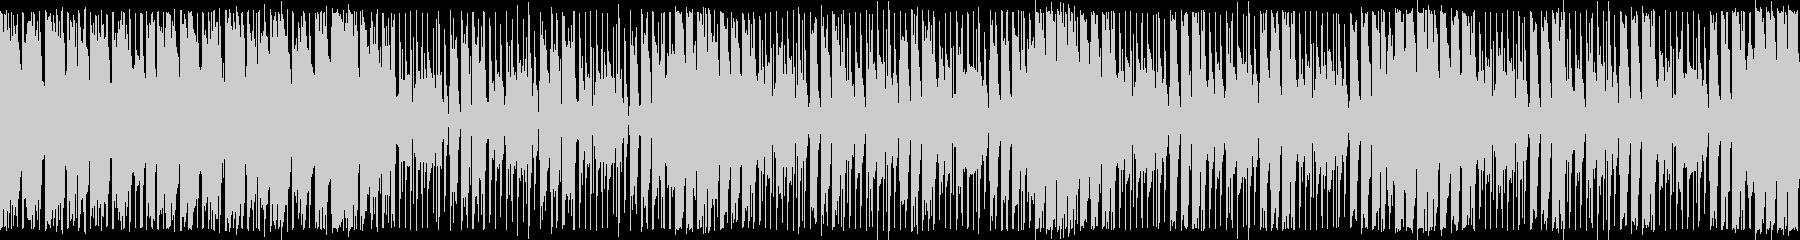 ダンスエクササイズBPM120:ループ版の未再生の波形